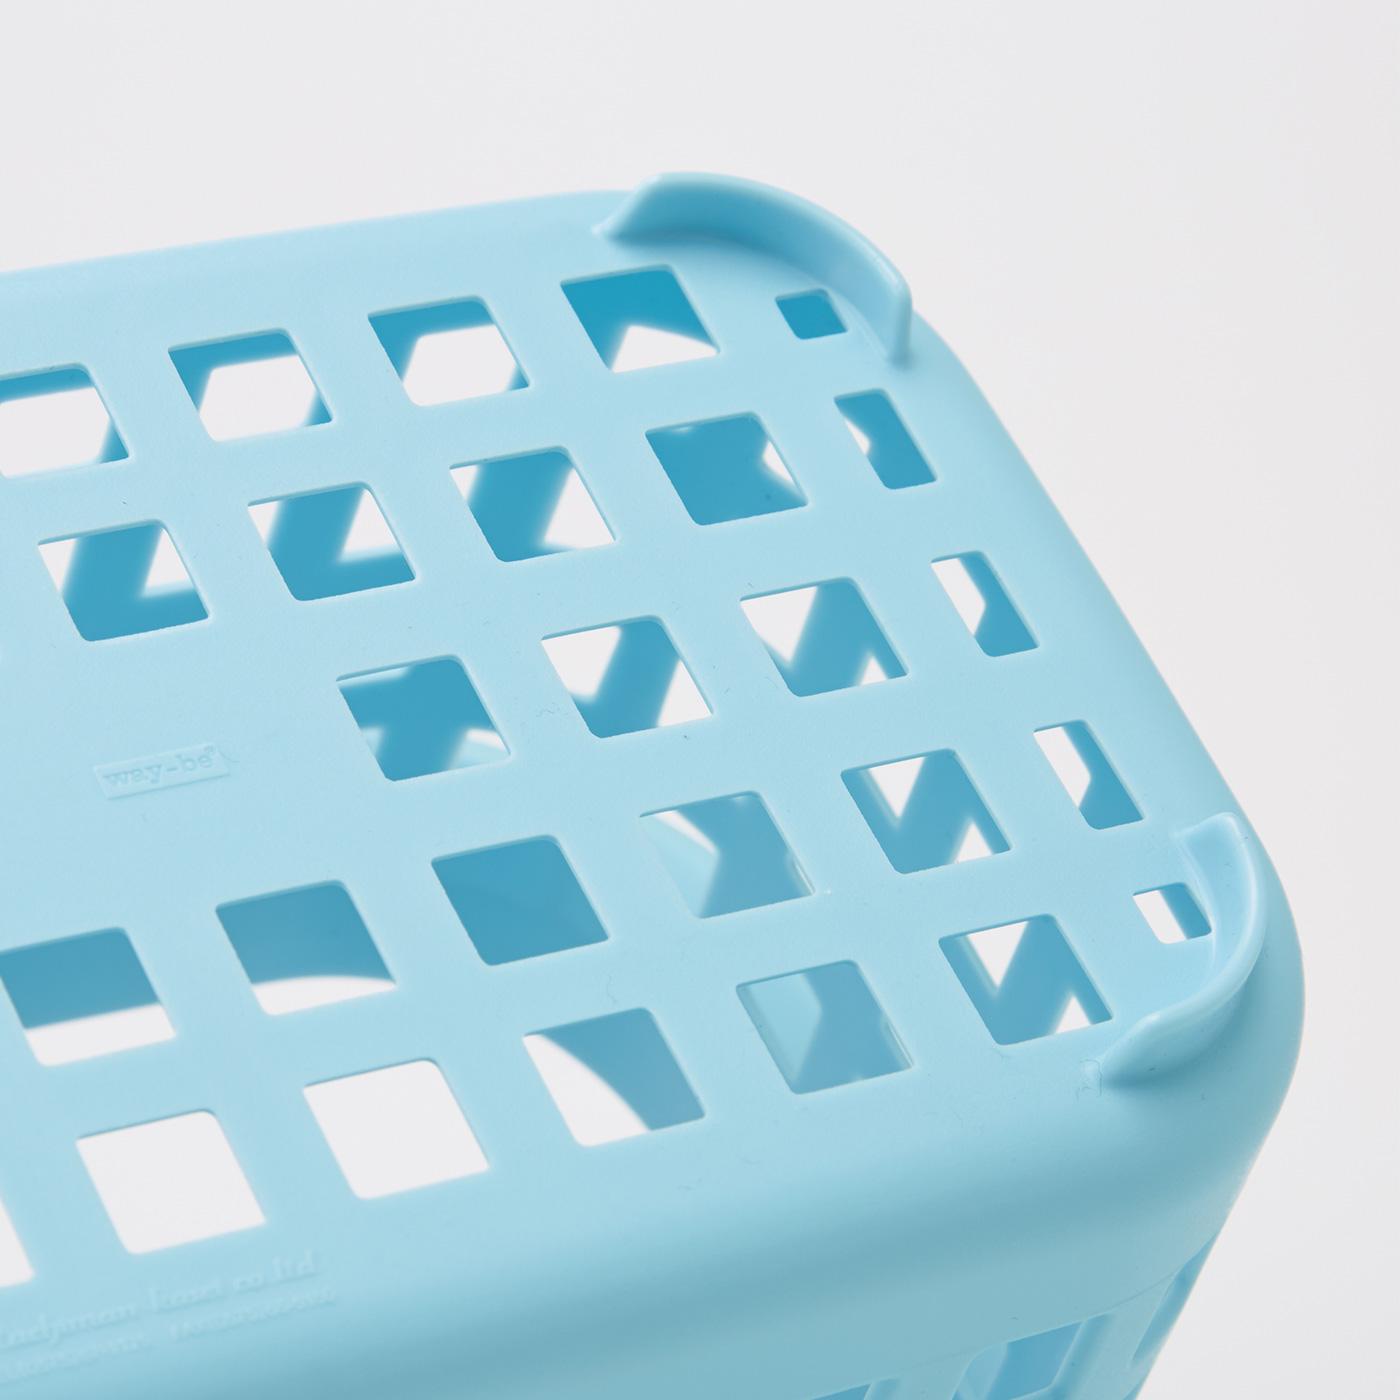 ミニバスケットの底面は、通気性、水ぎれがよいメッシュ状。